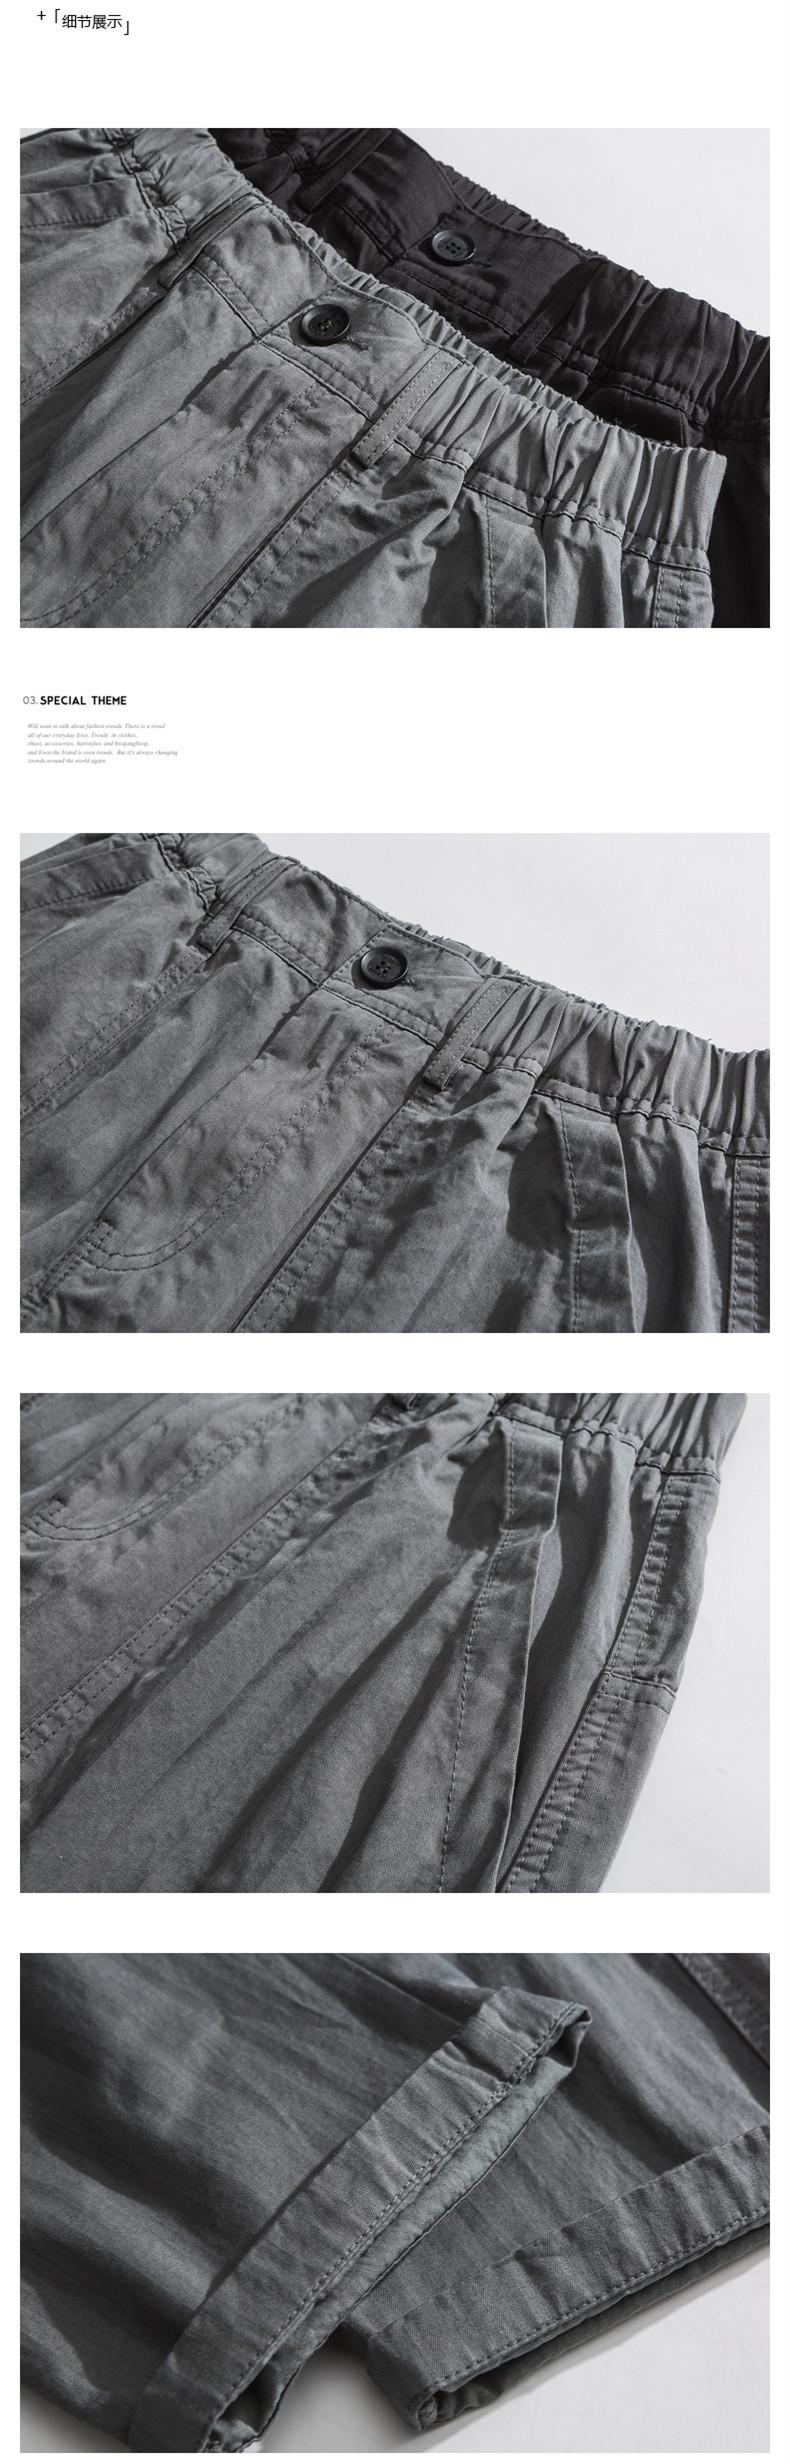 亚当博2020春款日系直通贴标休闲裤 货号 1227  批价95  控价128